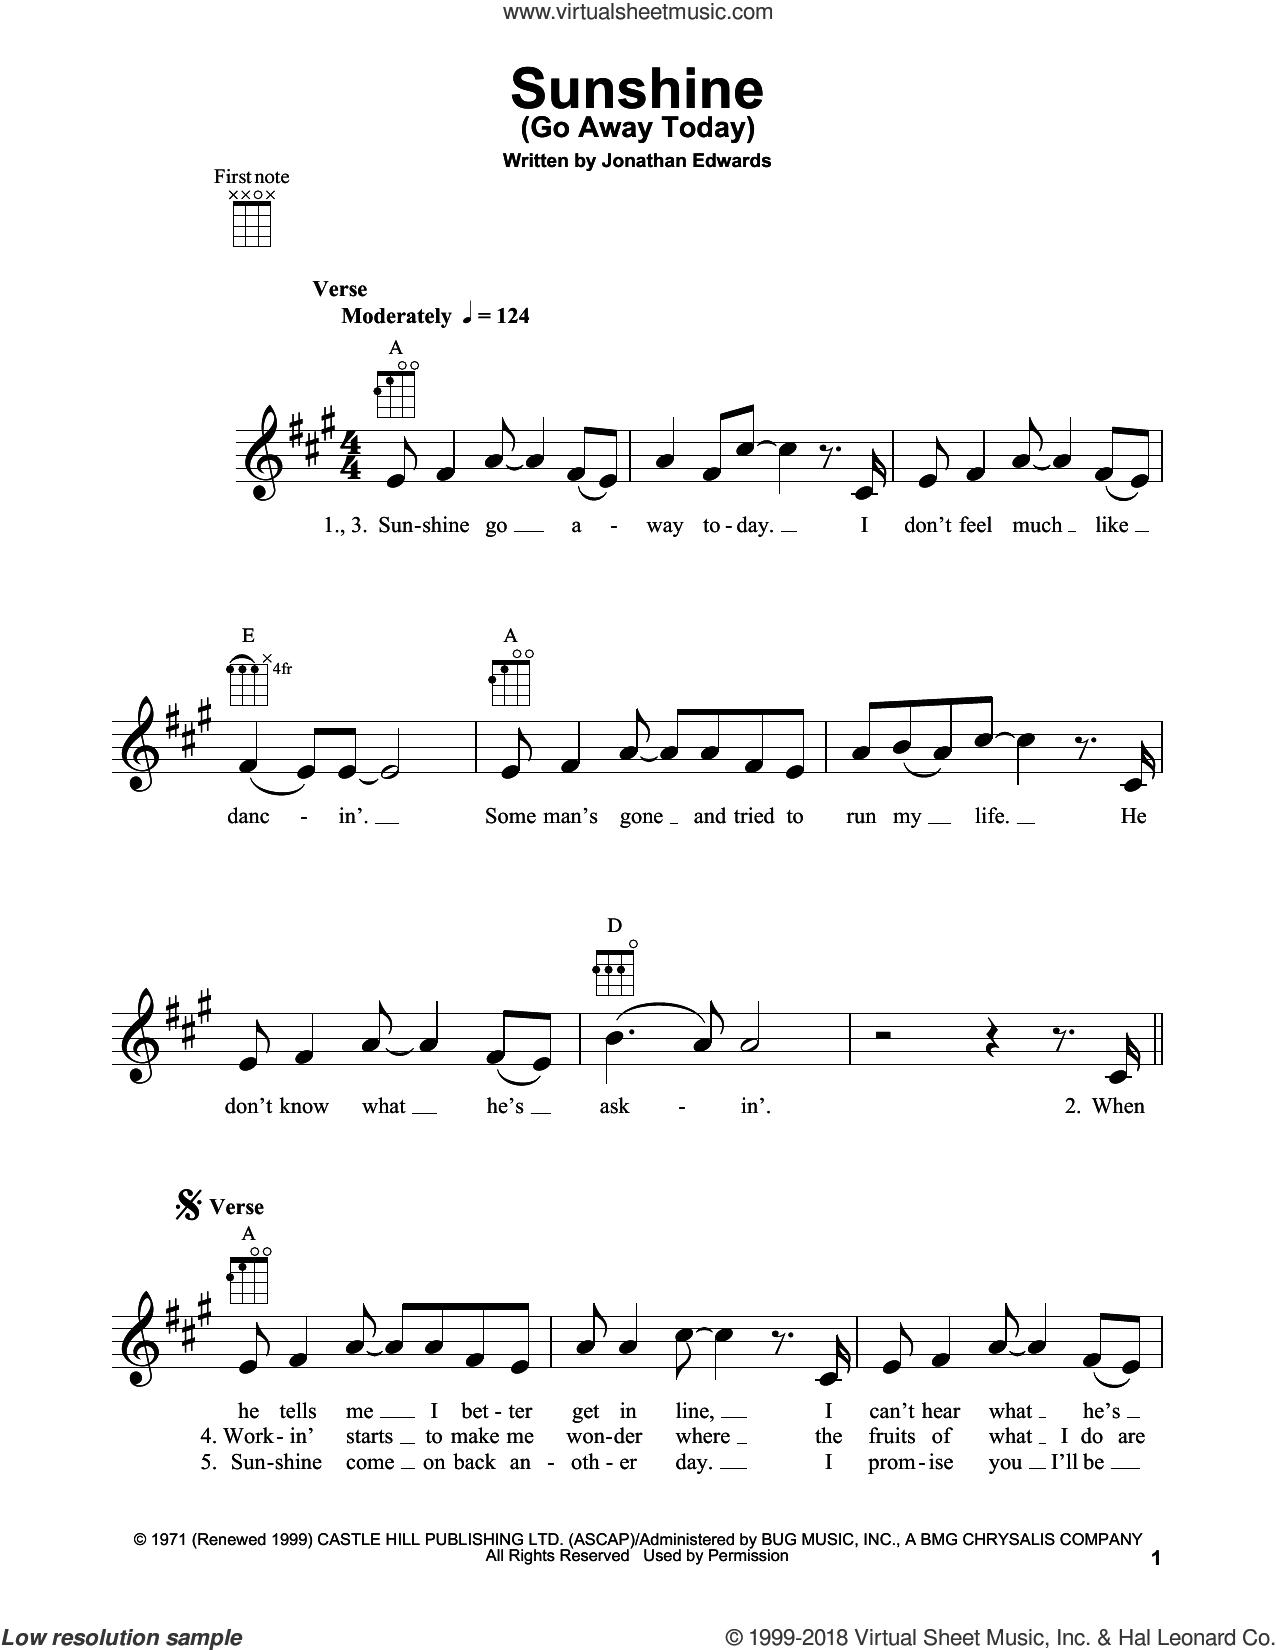 Sunshine (Go Away Today) sheet music for ukulele by Jonathan Edwards, intermediate skill level